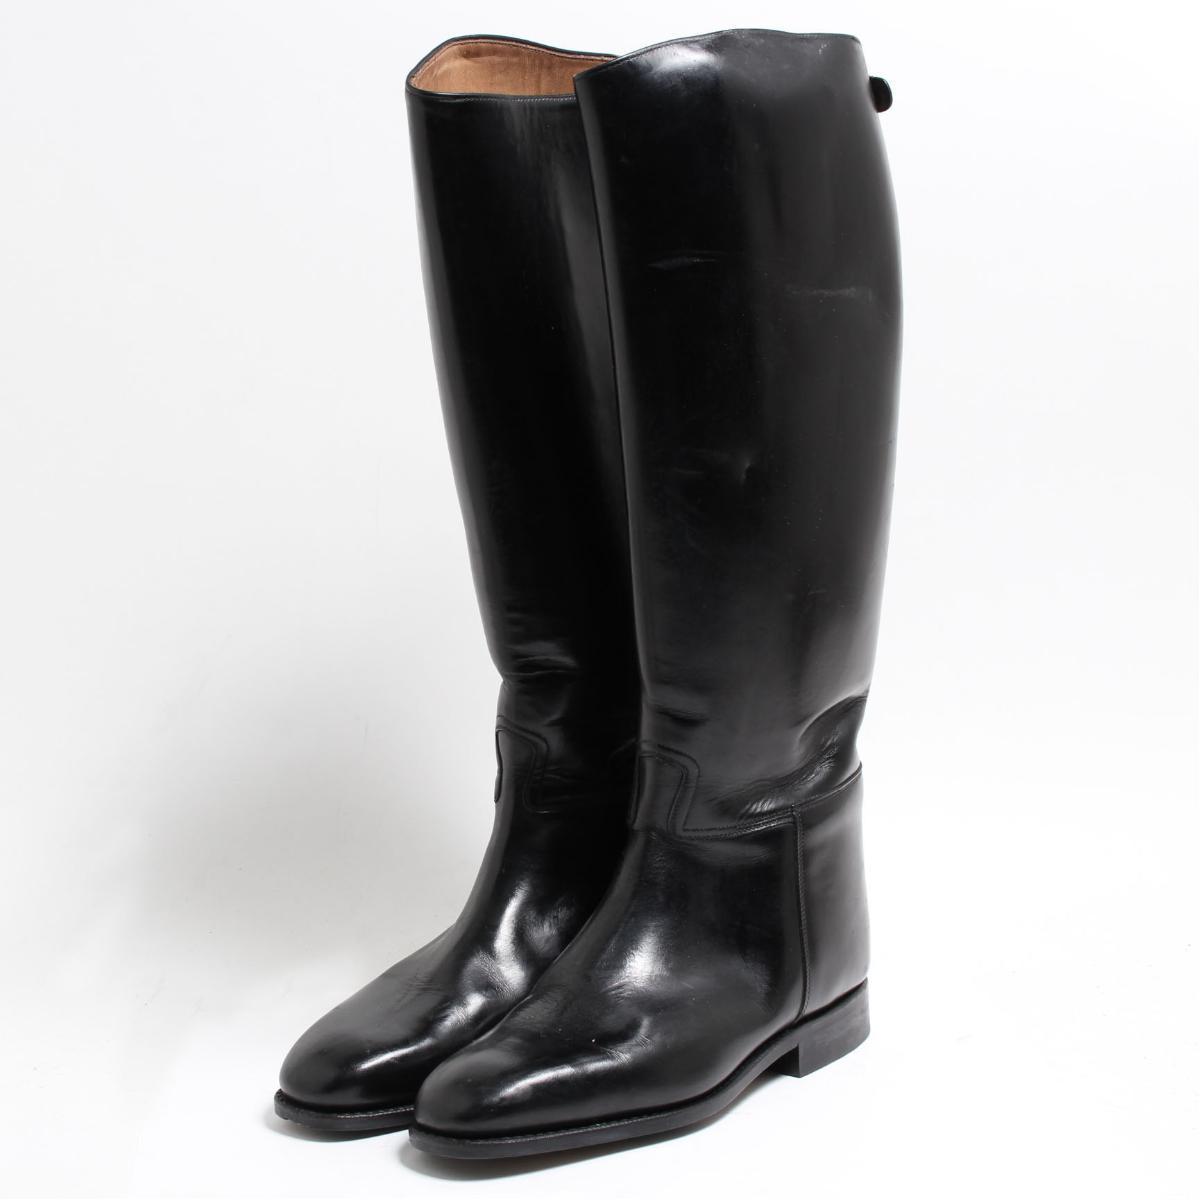 カバロ Cavallo ジョッキー乗馬ブーツ 7 レディース24.0cm /bon6778 【中古】 【180906】